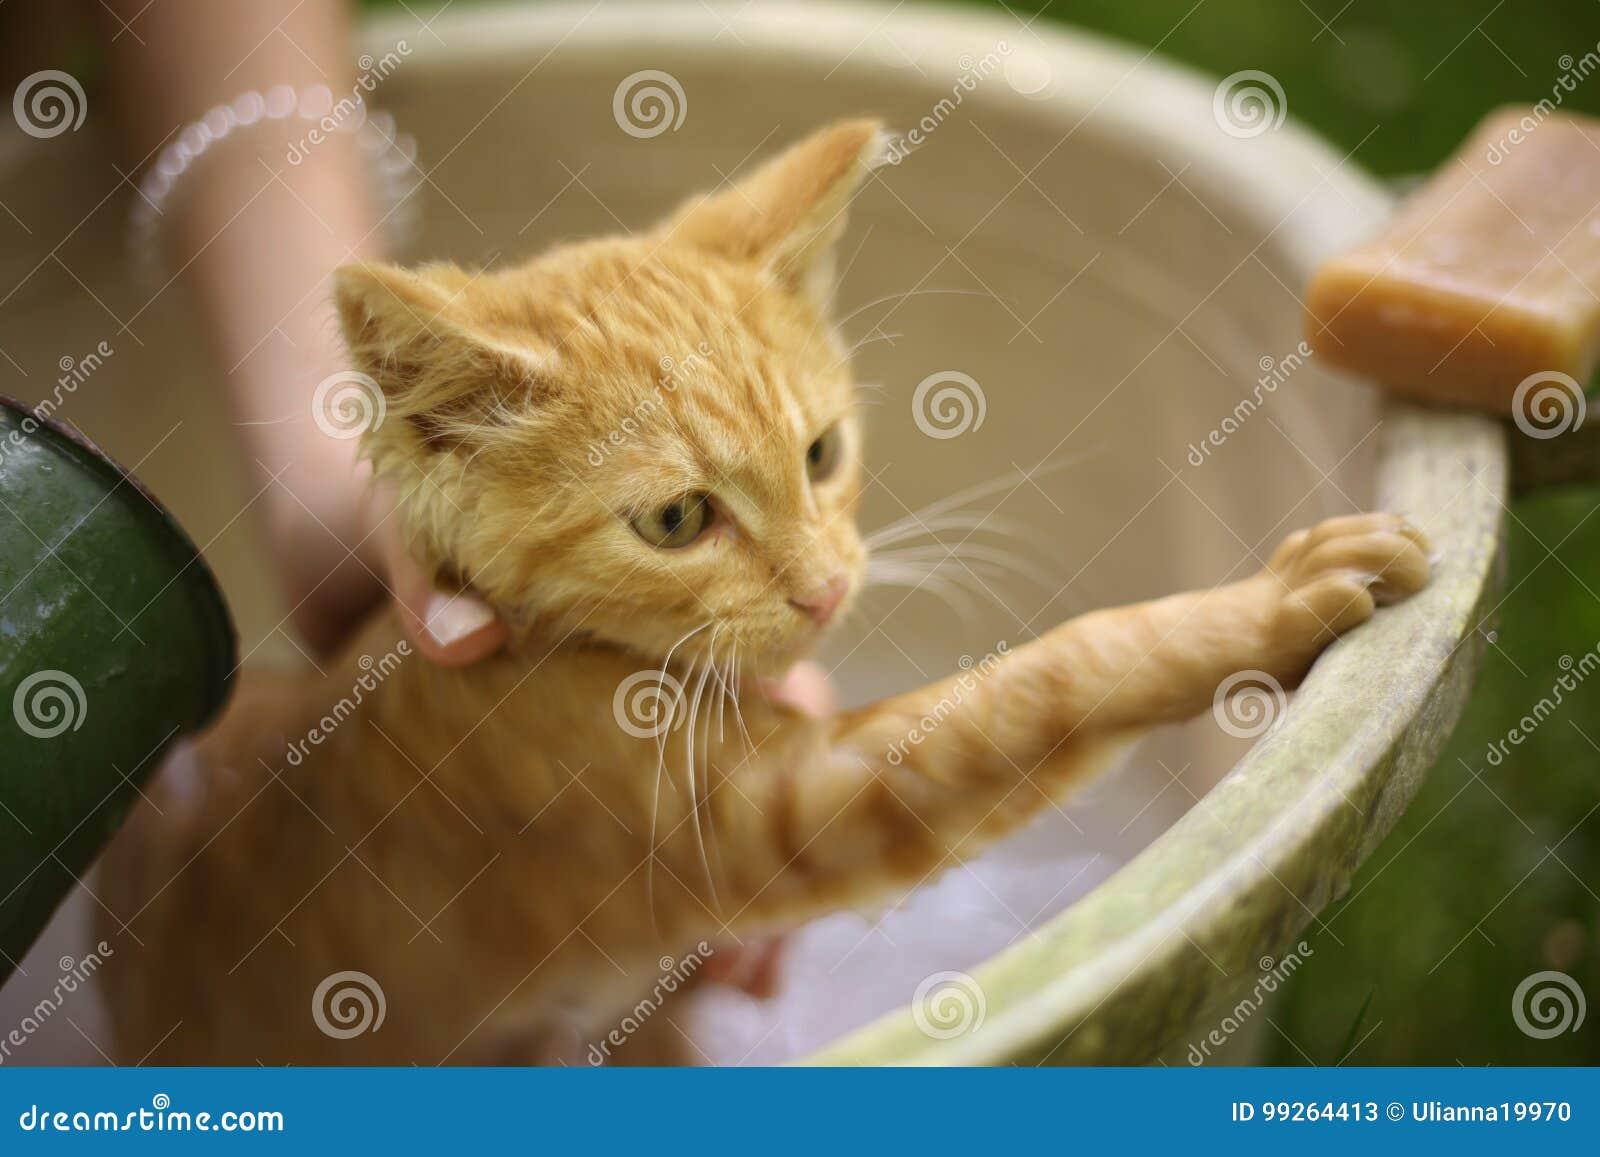 Rood haar weinig nat katje was in menselijke handen